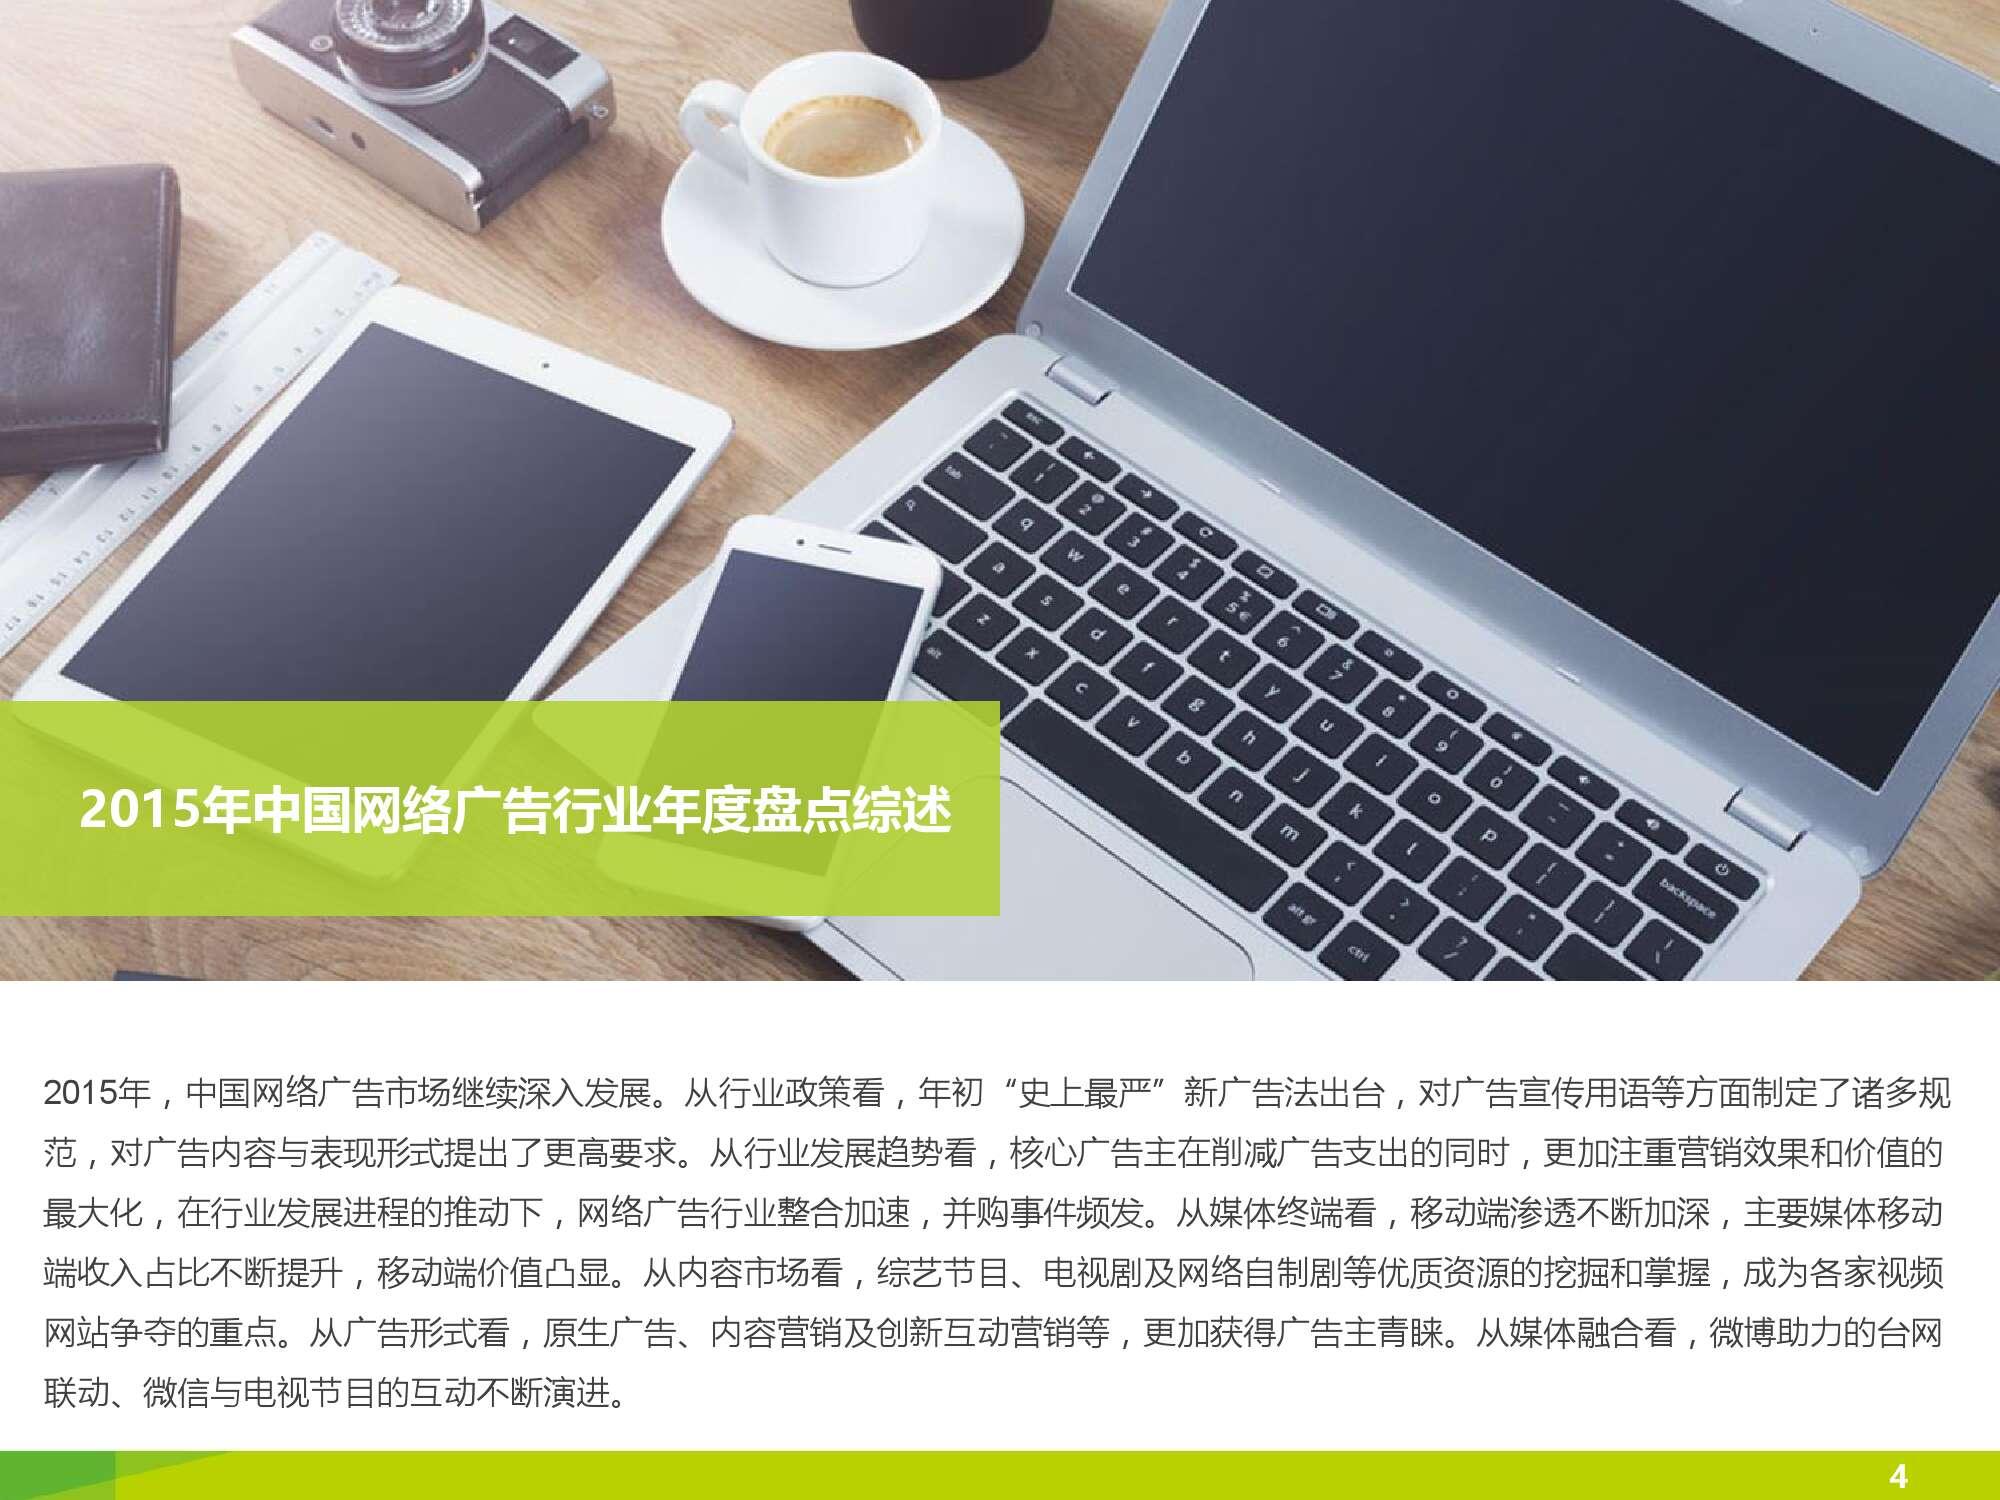 2016年中国网络广告行业年度监测报告简版_000004